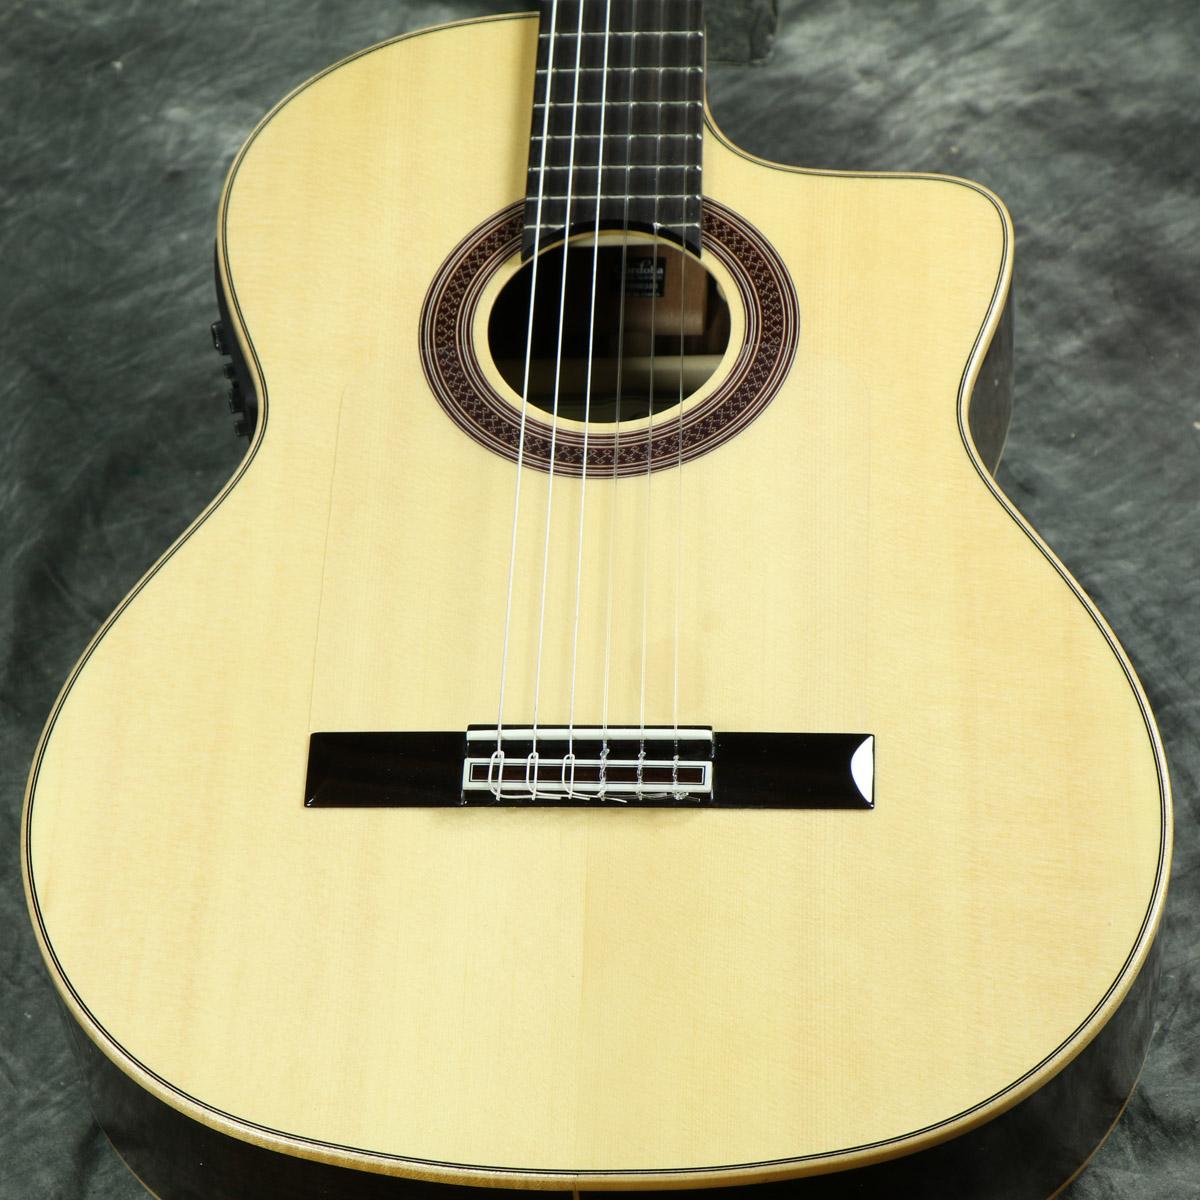 50mmナット幅 ゴルペ板装着のエレガット Cordoba GK 本店 Studio Negra 《特典つき +80-setcordoba20》 ガットギター エレガット IBERIA クラシックギター オンラインショッピング コルドバ フラメンコギター Series